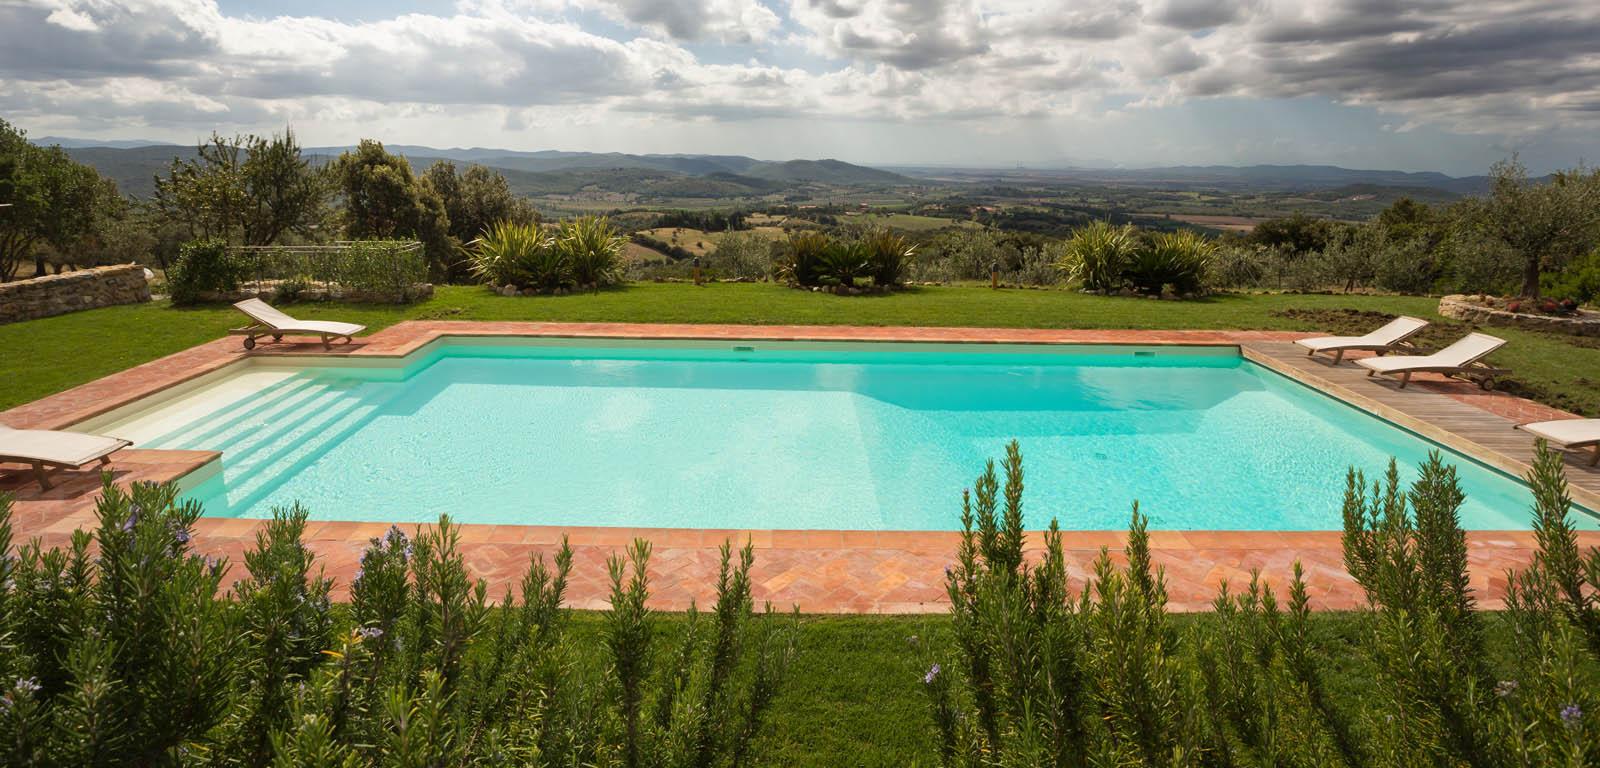 Piscine interrate vantaggi e prezzi piscine castiglione - Prezzo piscina interrata ...